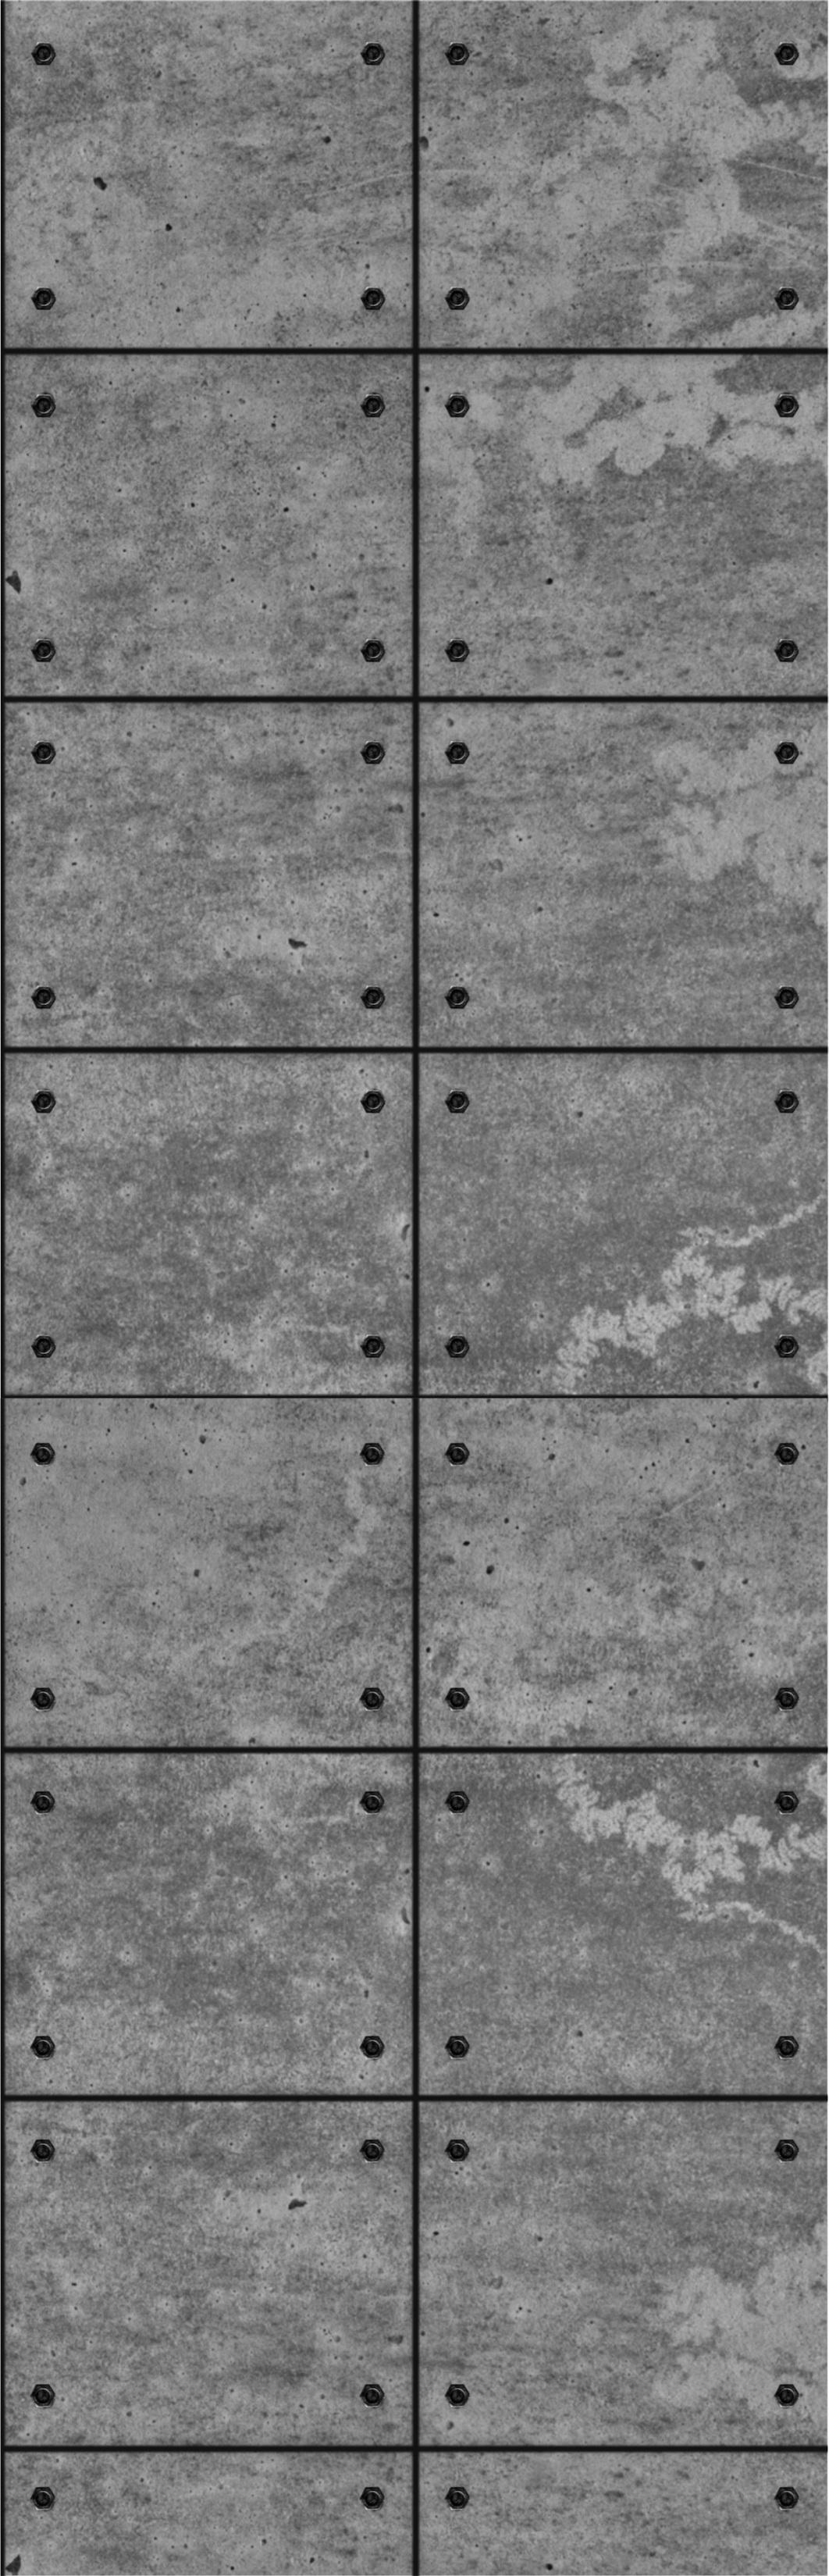 kostenlose foto : schwarz und weiß, holz, textur, planke, stock